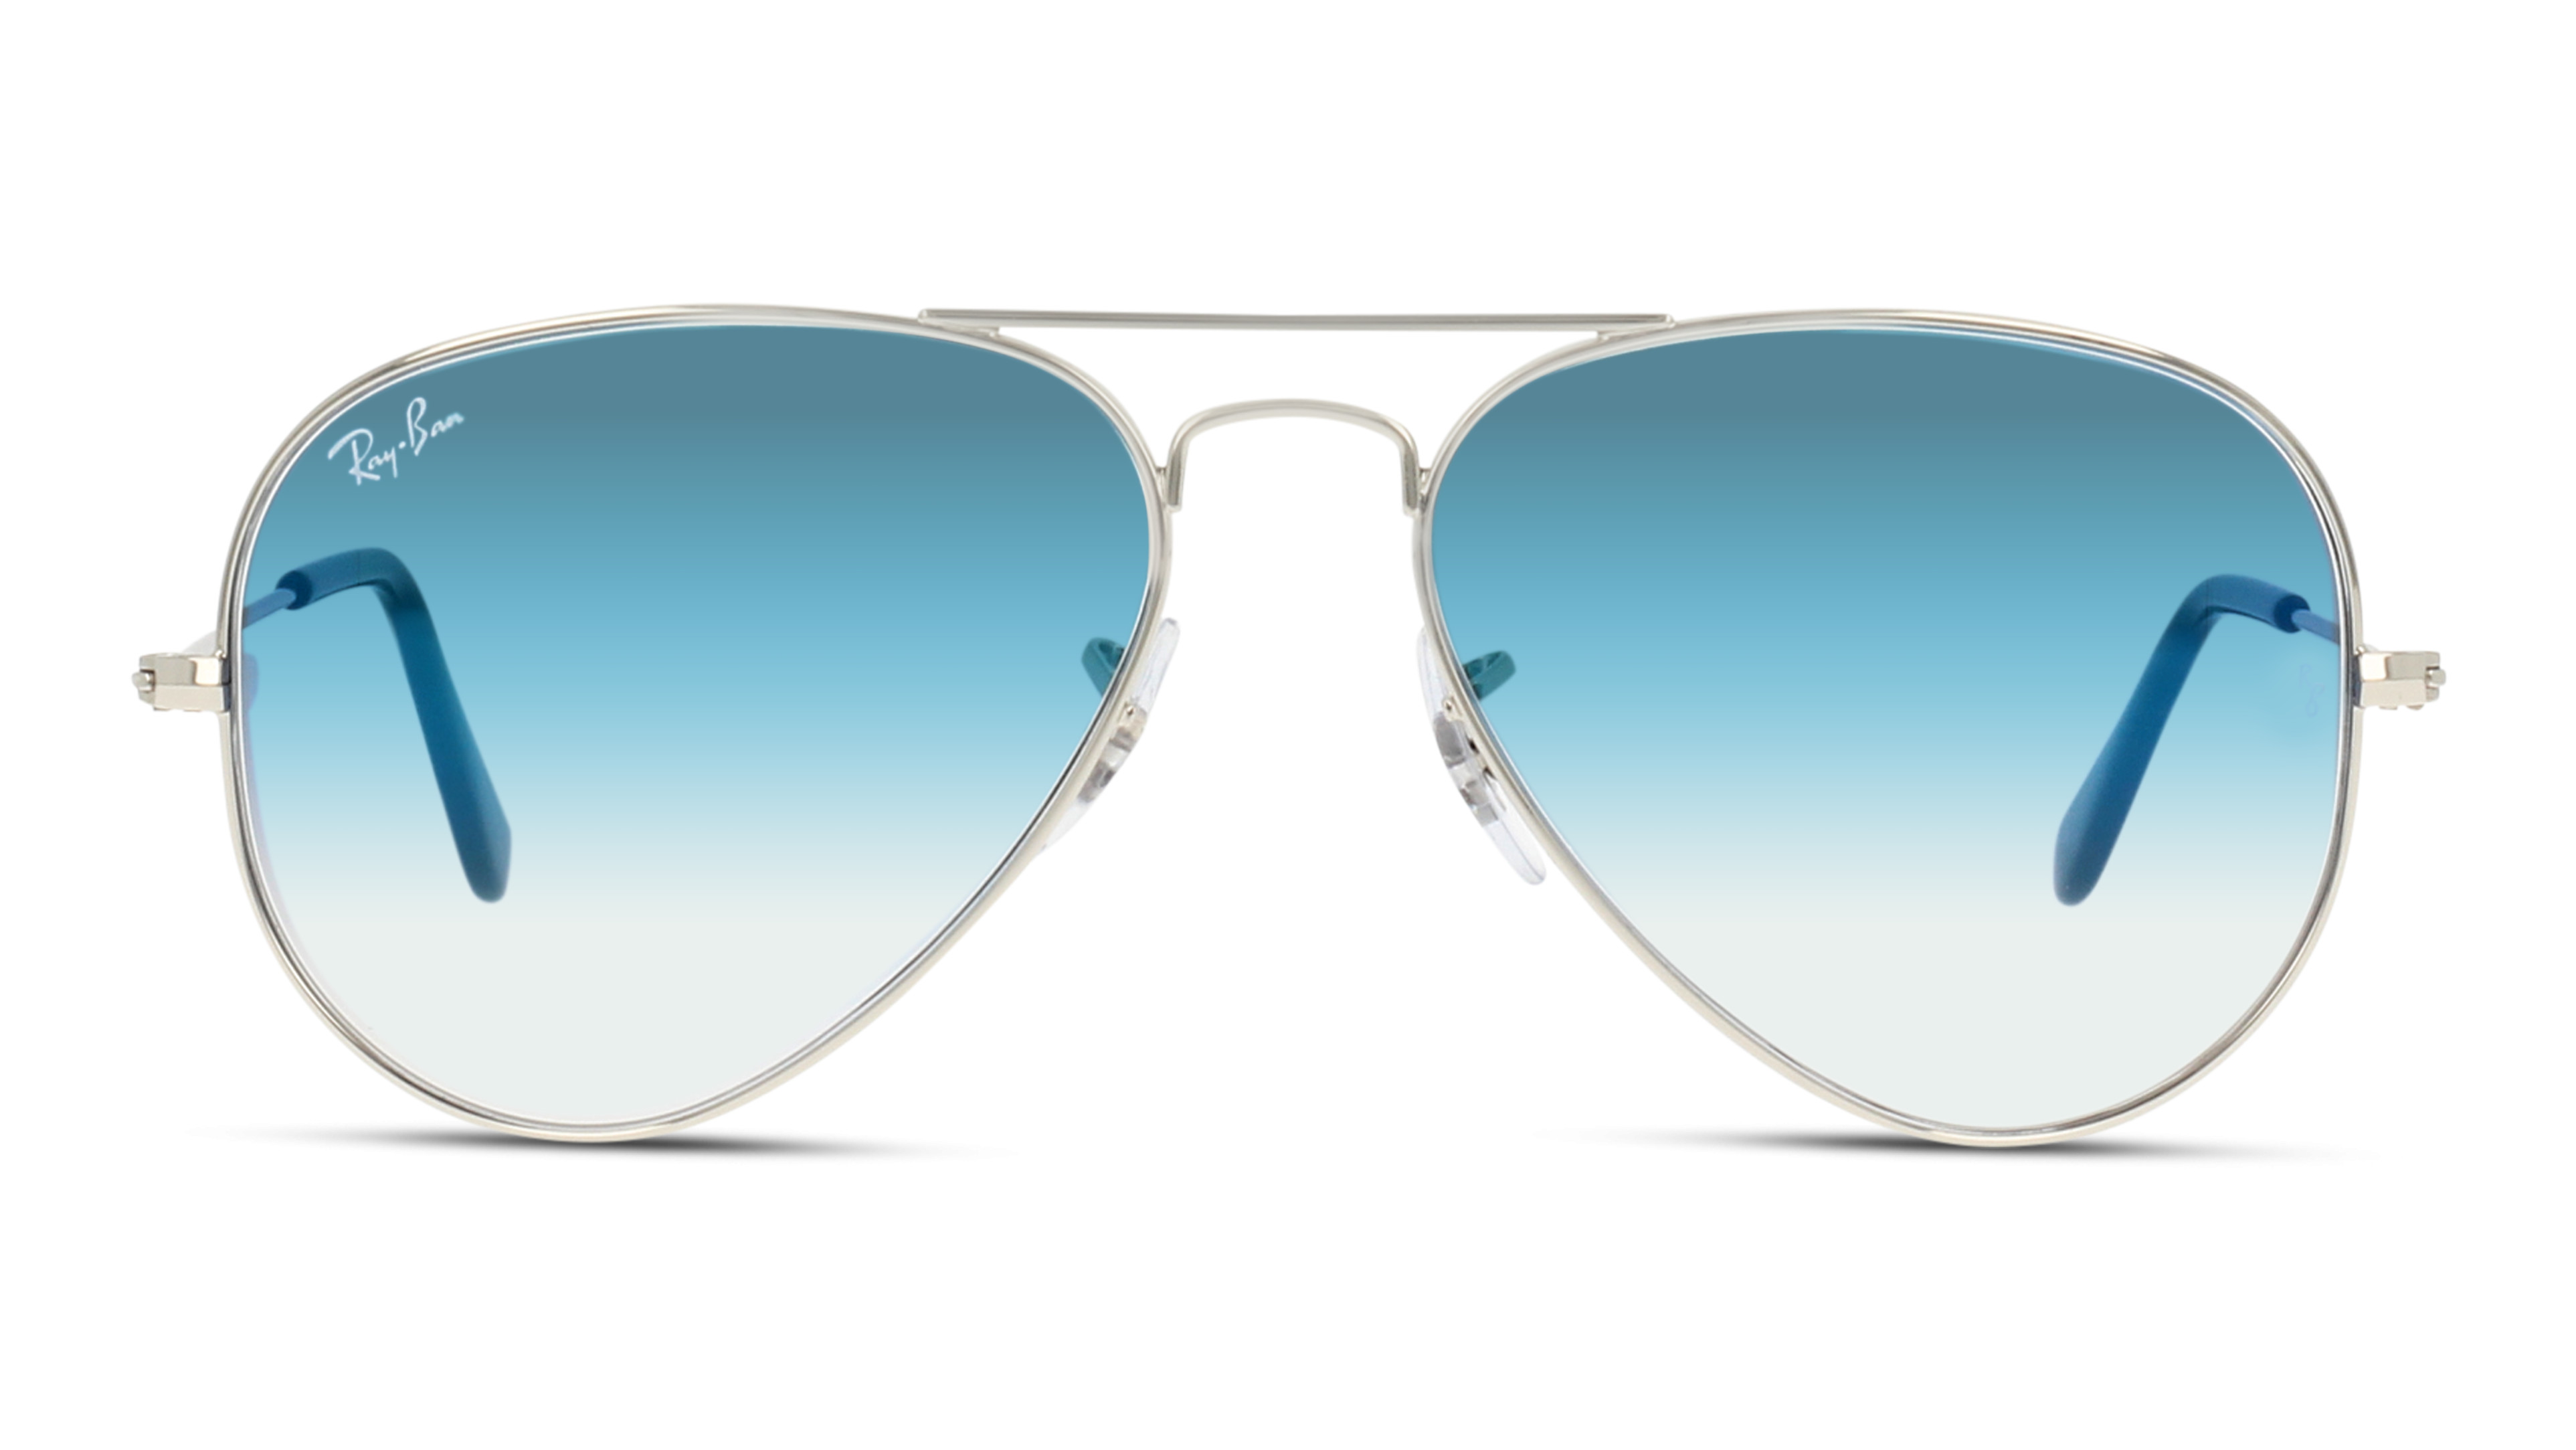 805289307686-front-01-rayban-glasses-eyewear-pair